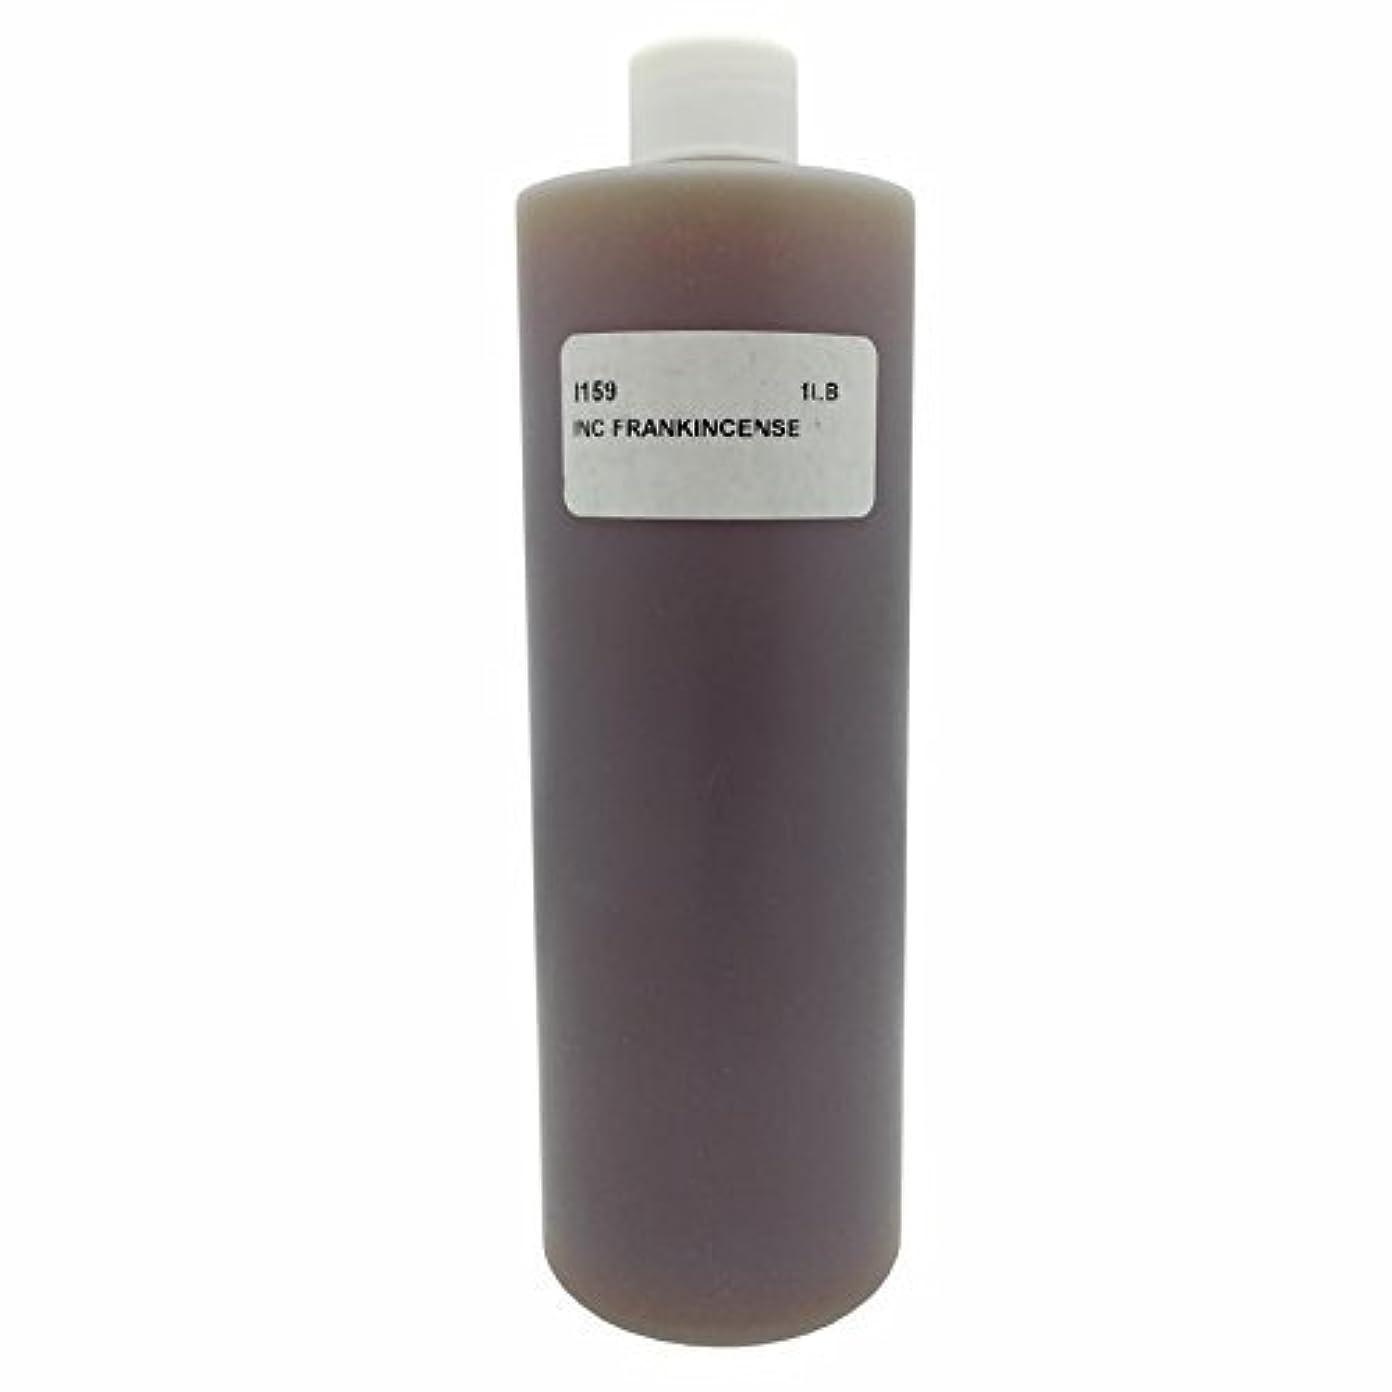 相談急勾配の解明Bargz Perfume – Frankincense Incenseオイル香りフレグランス